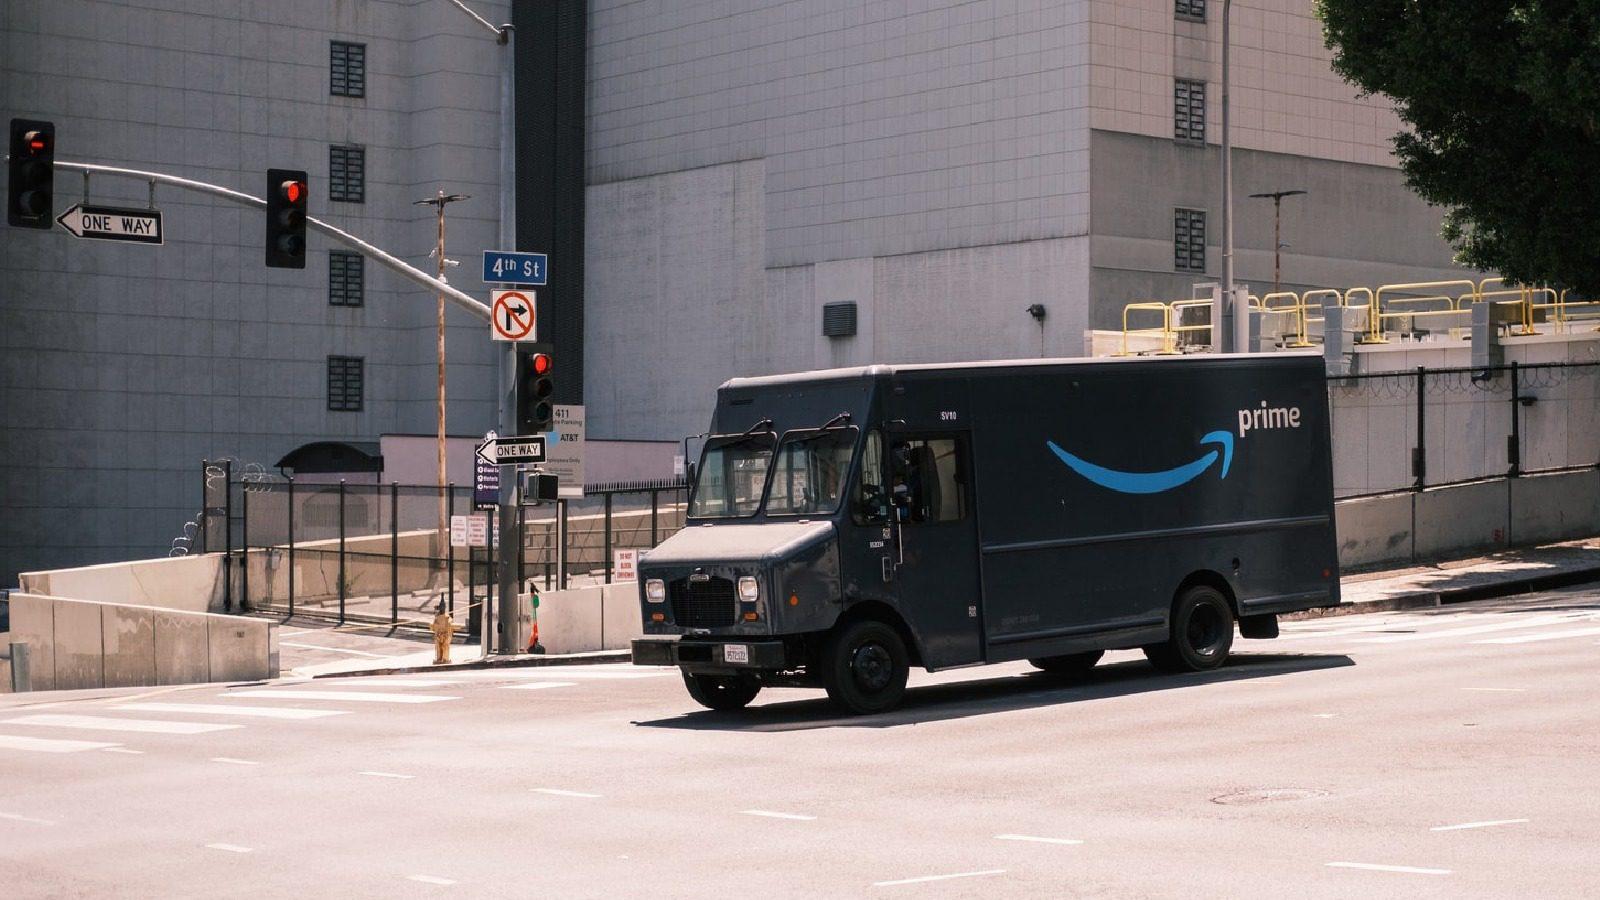 Amazon antitrust